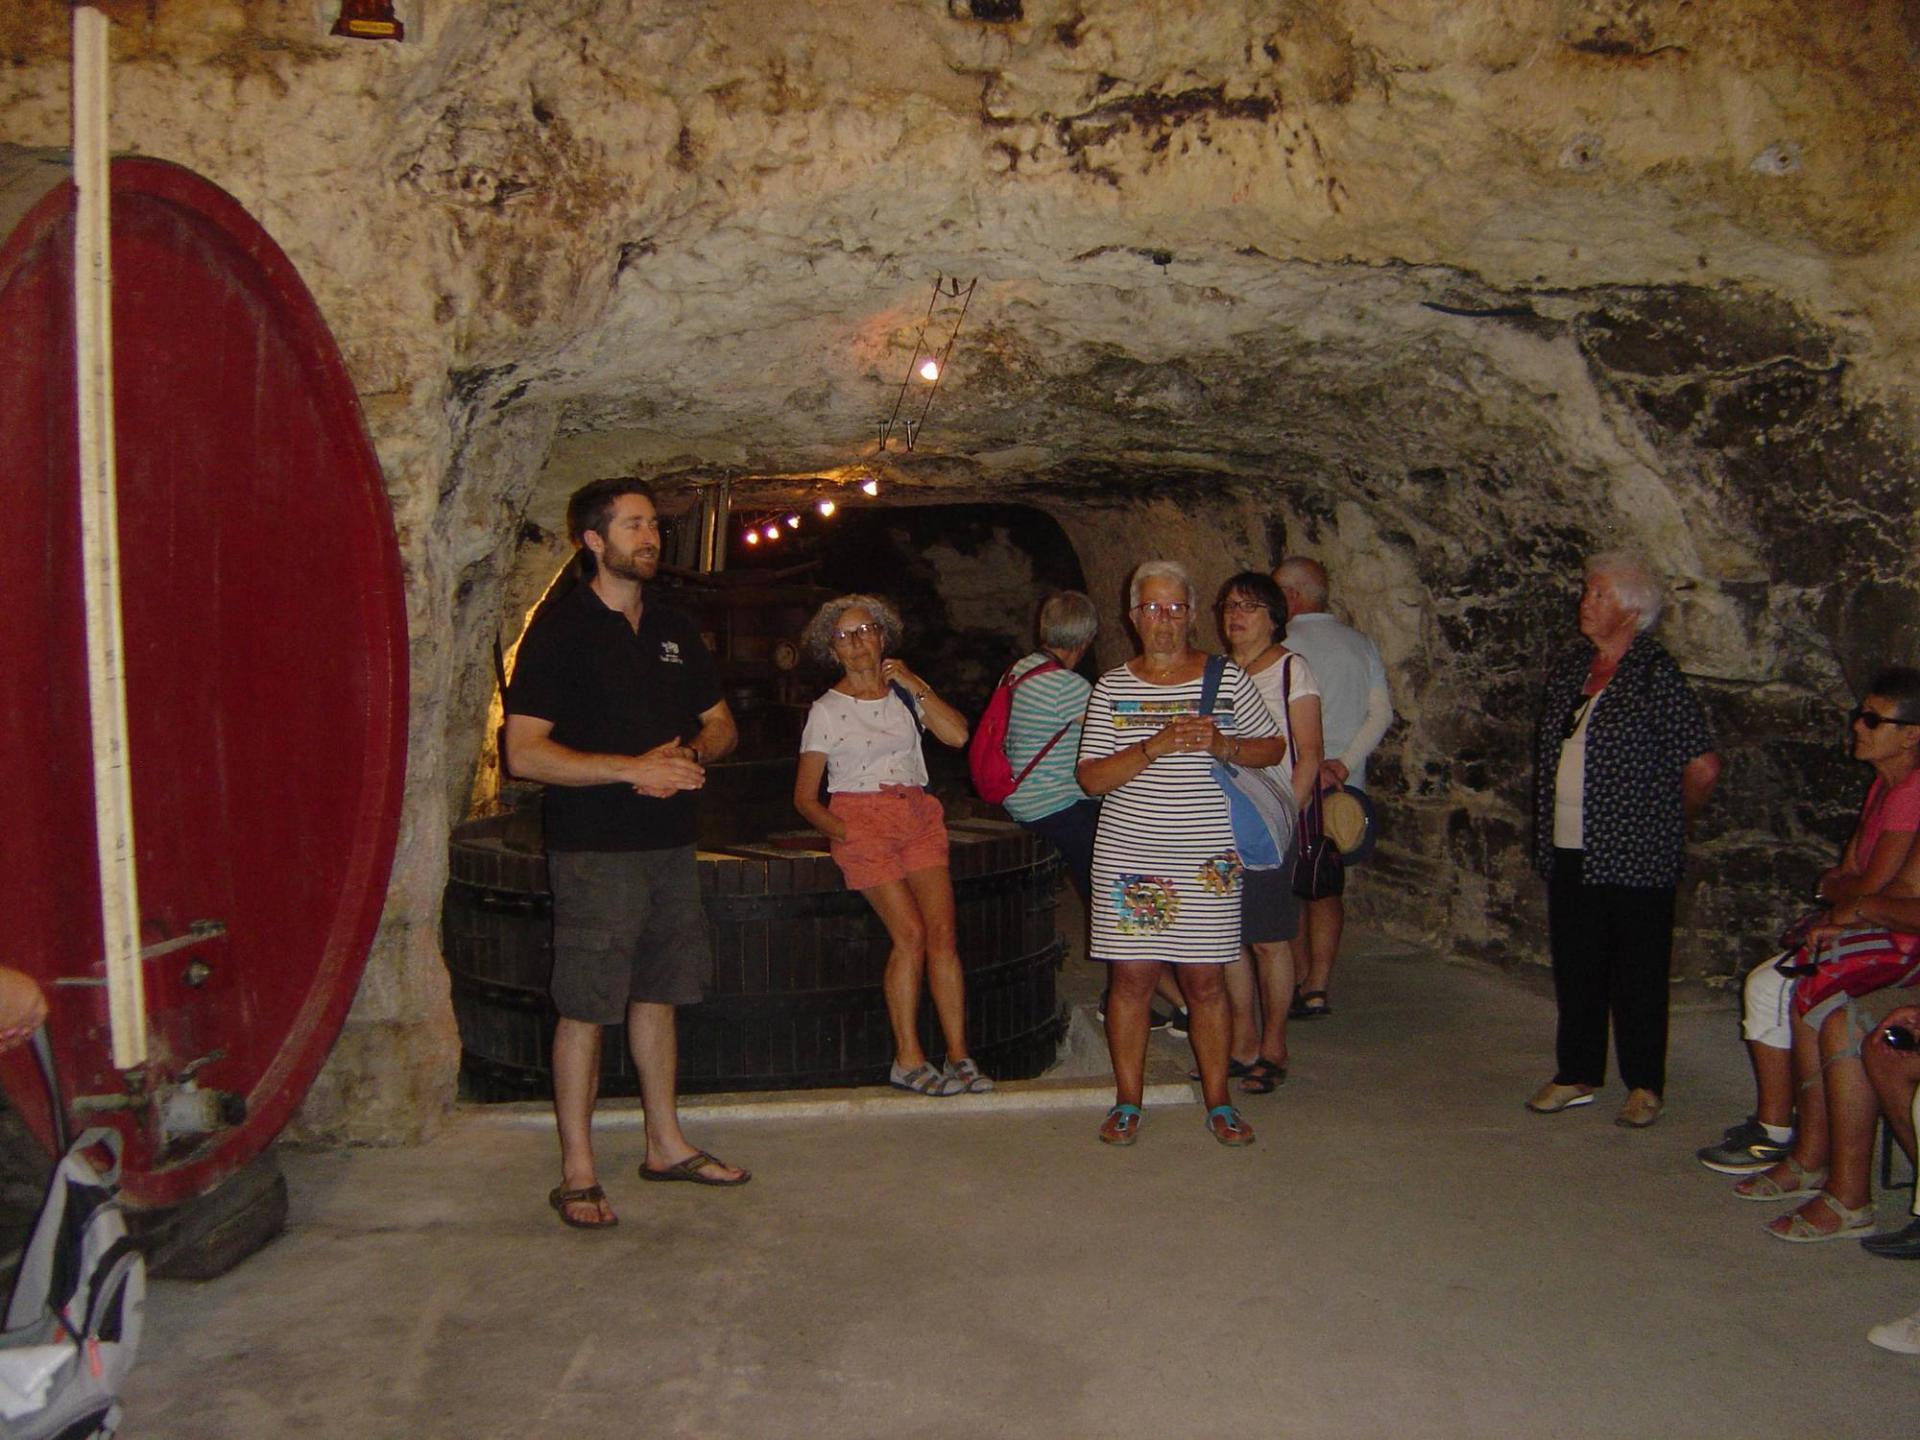 visite d'une cave